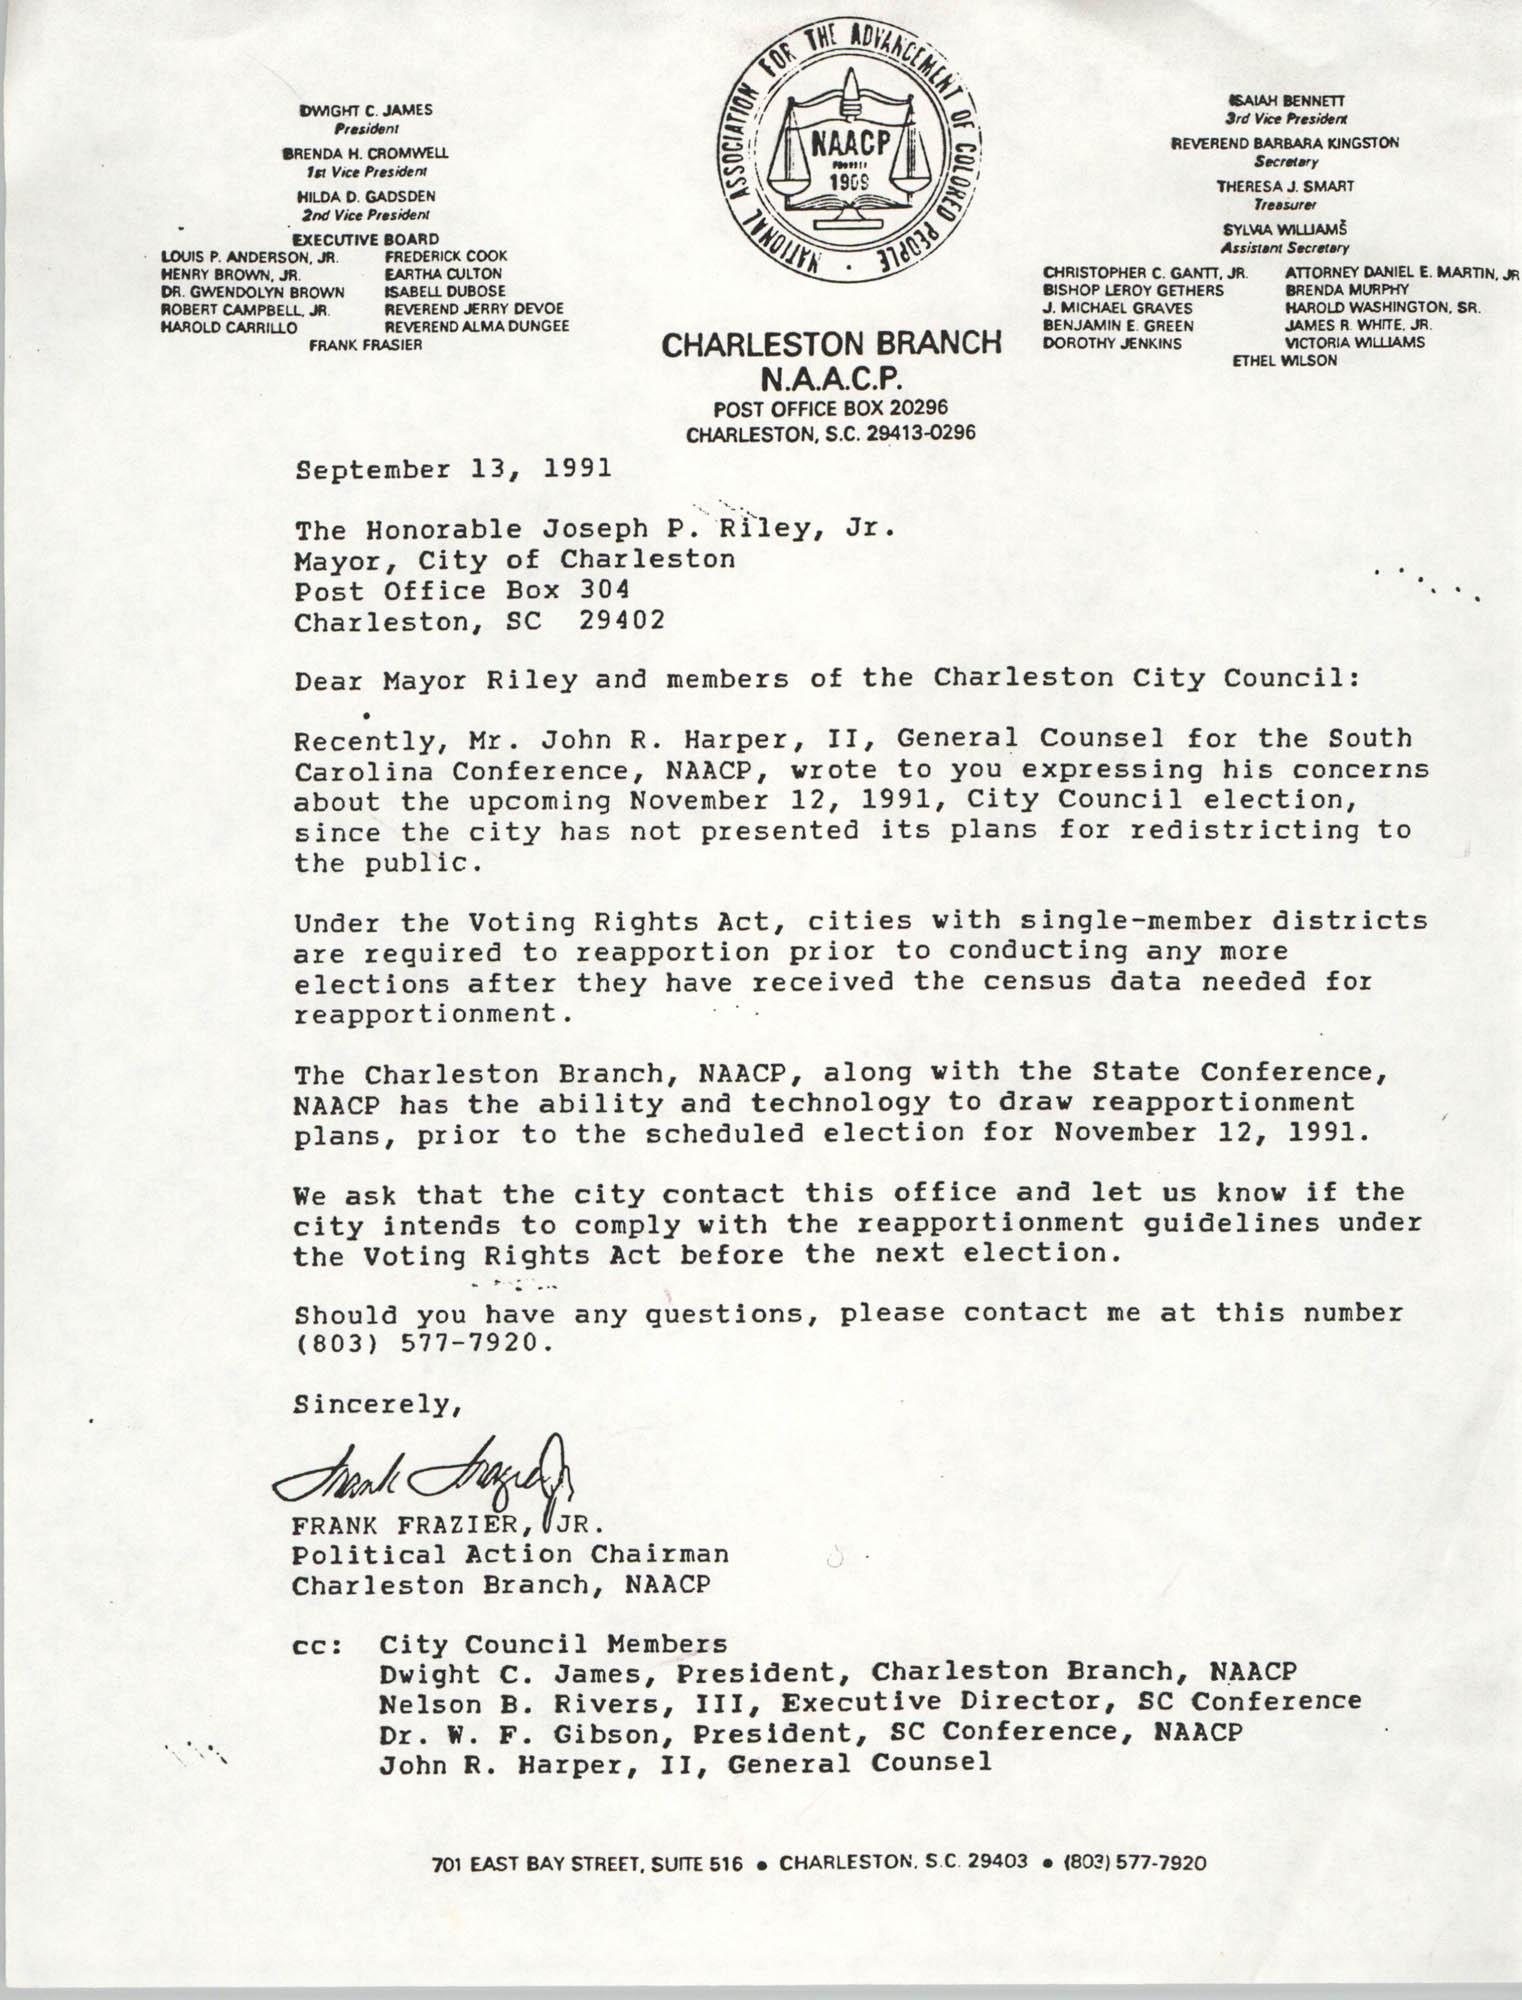 Letter from Frank Frazier, Jr. to Joseph P. Riley, Jr., September 13, 1991